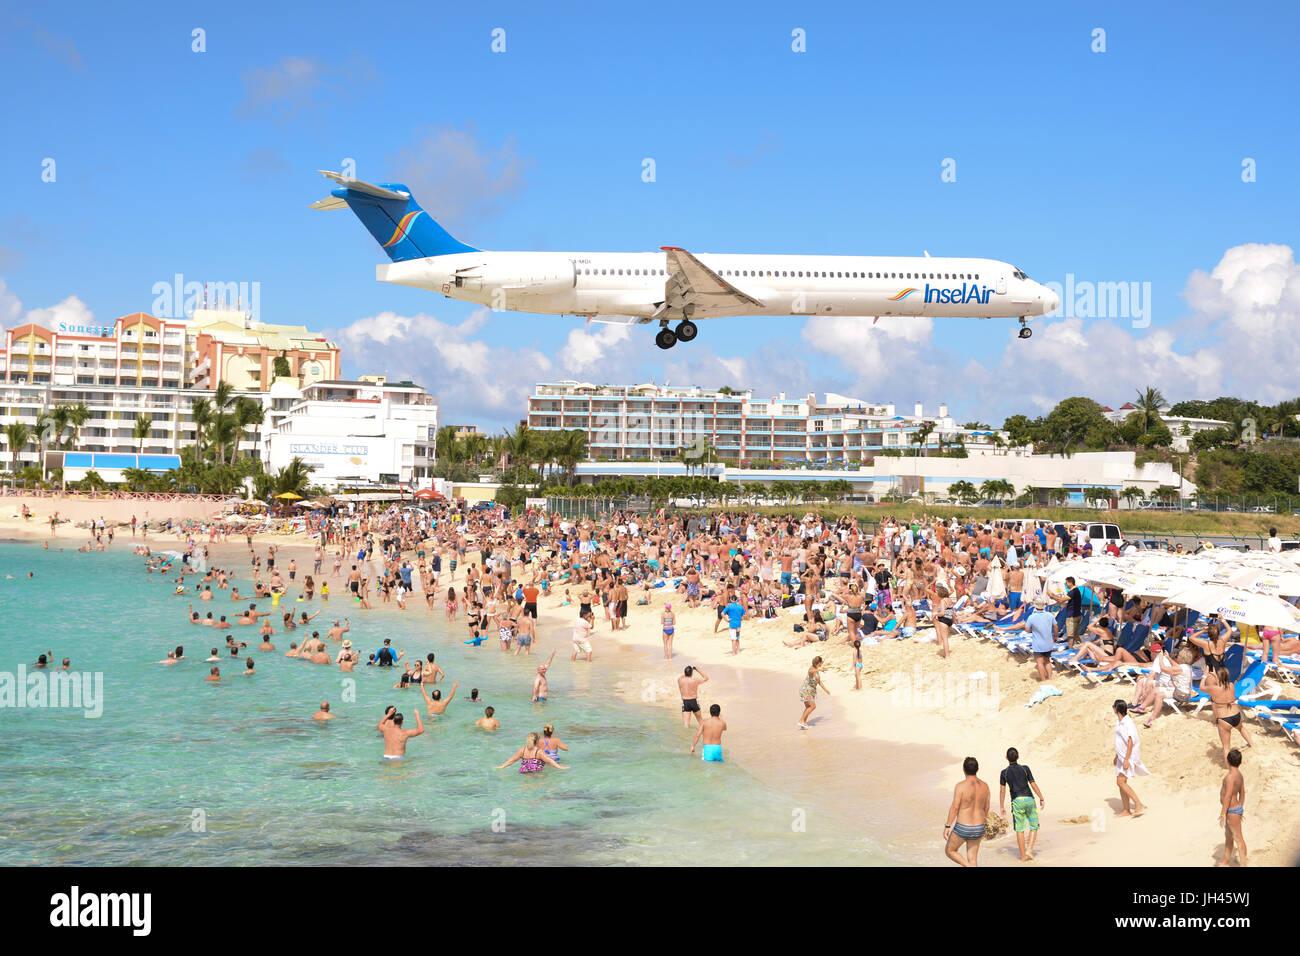 großes Flugzeug fliegt niedrig über Maho Beach in St. Maarten, Karibik, bekannt als Flugzeug-Strand Stockbild